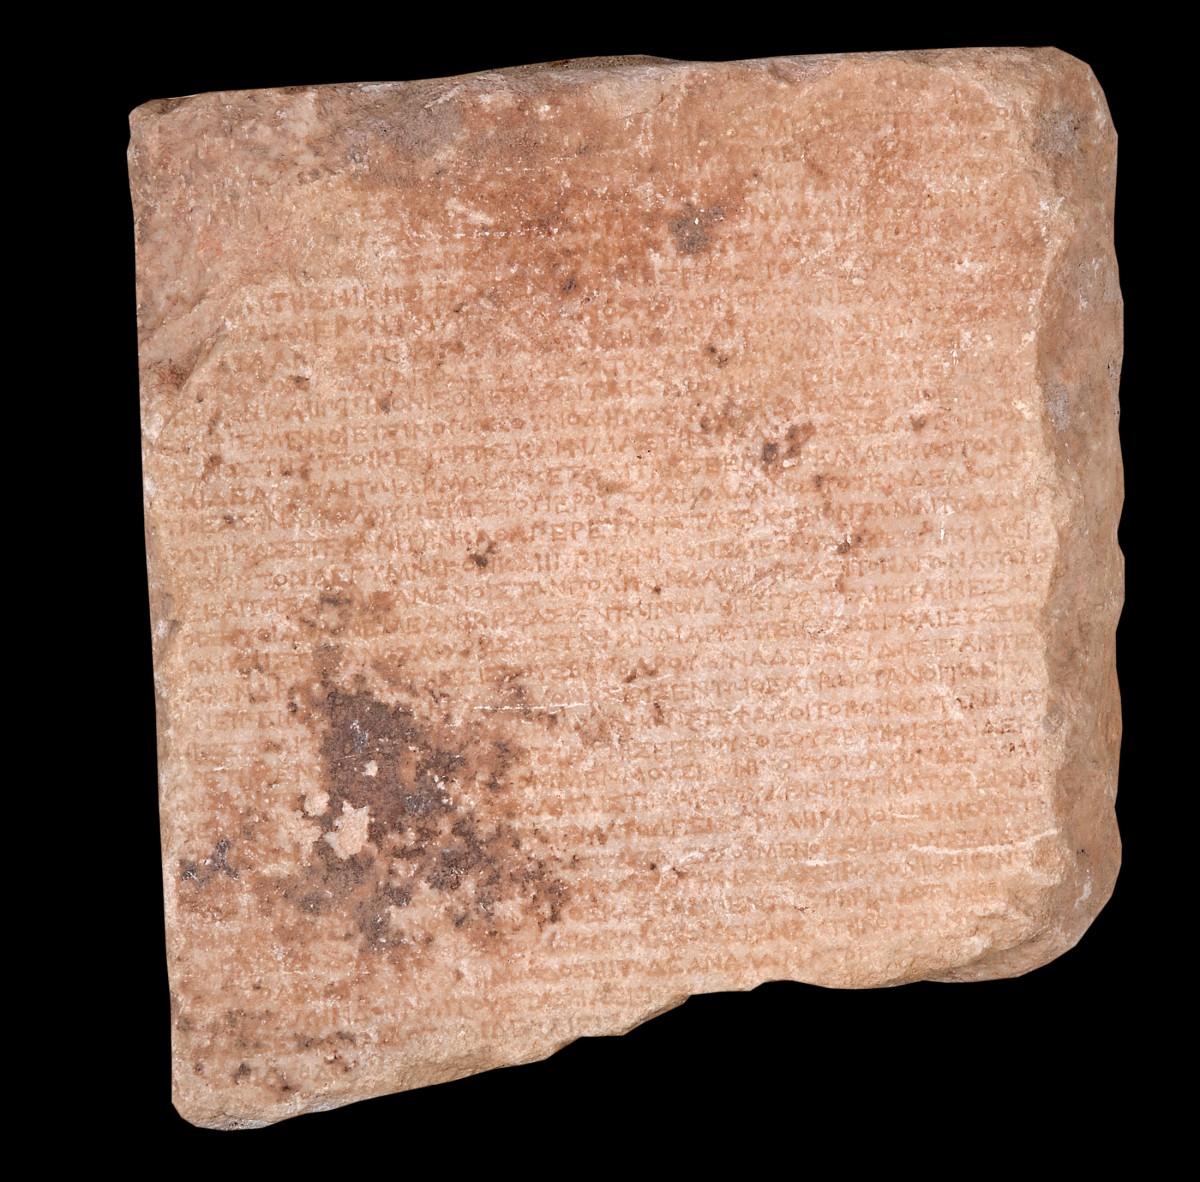 Εικ. 14. Αναγνώριση των Σωτηρίων από τους Χίους (Μ.Δ. 2275).